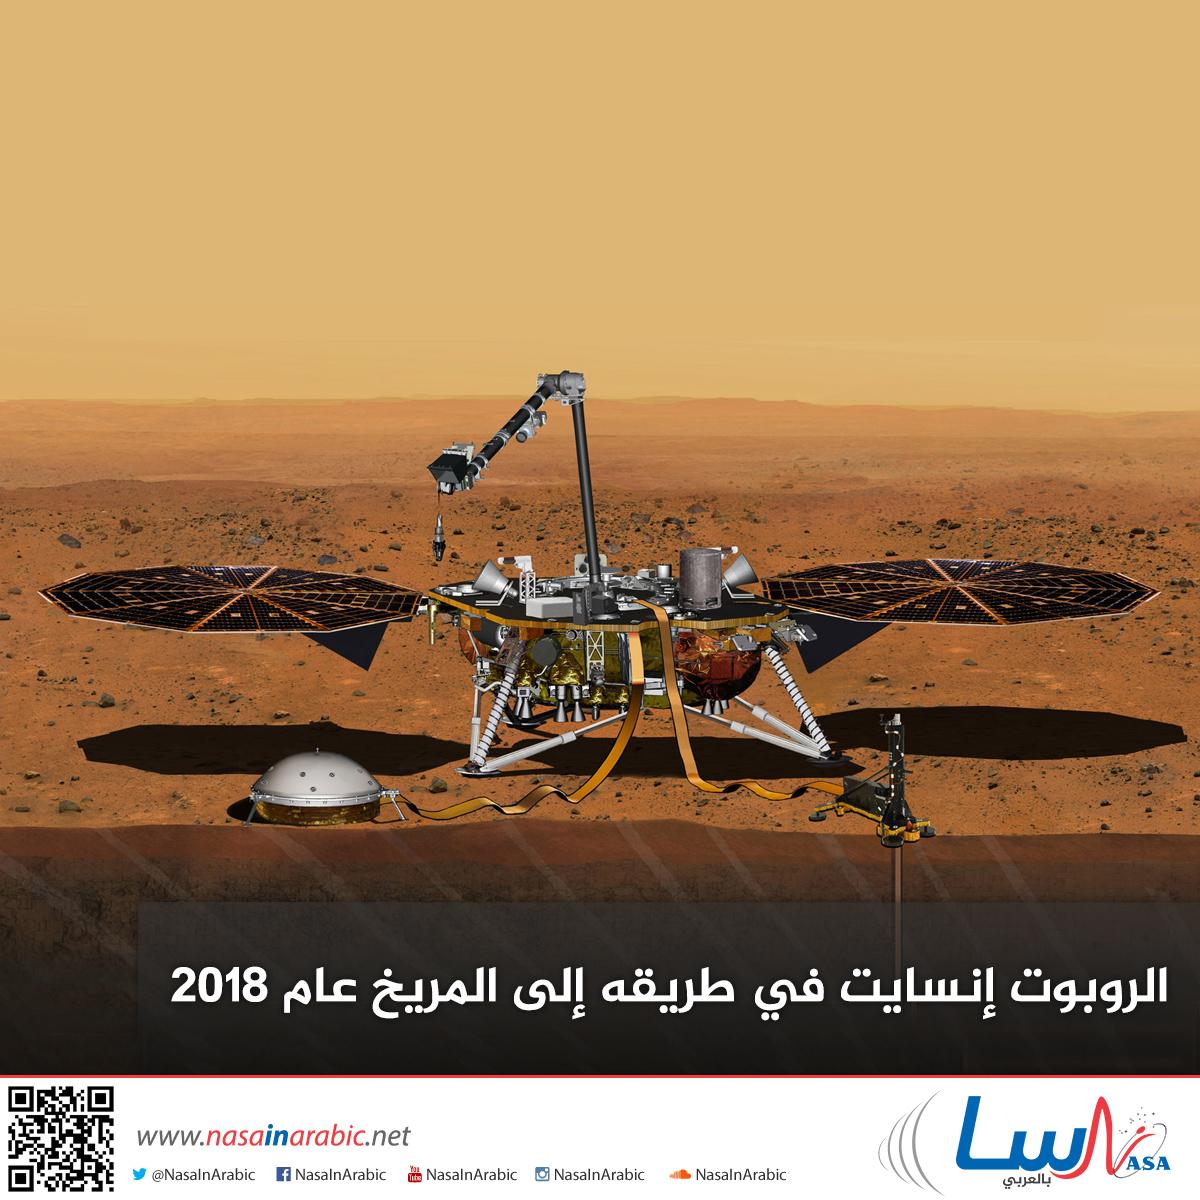 أخبار عظيمة: الروبوت إنسايت في طريقه إلى المريخ عام 2018